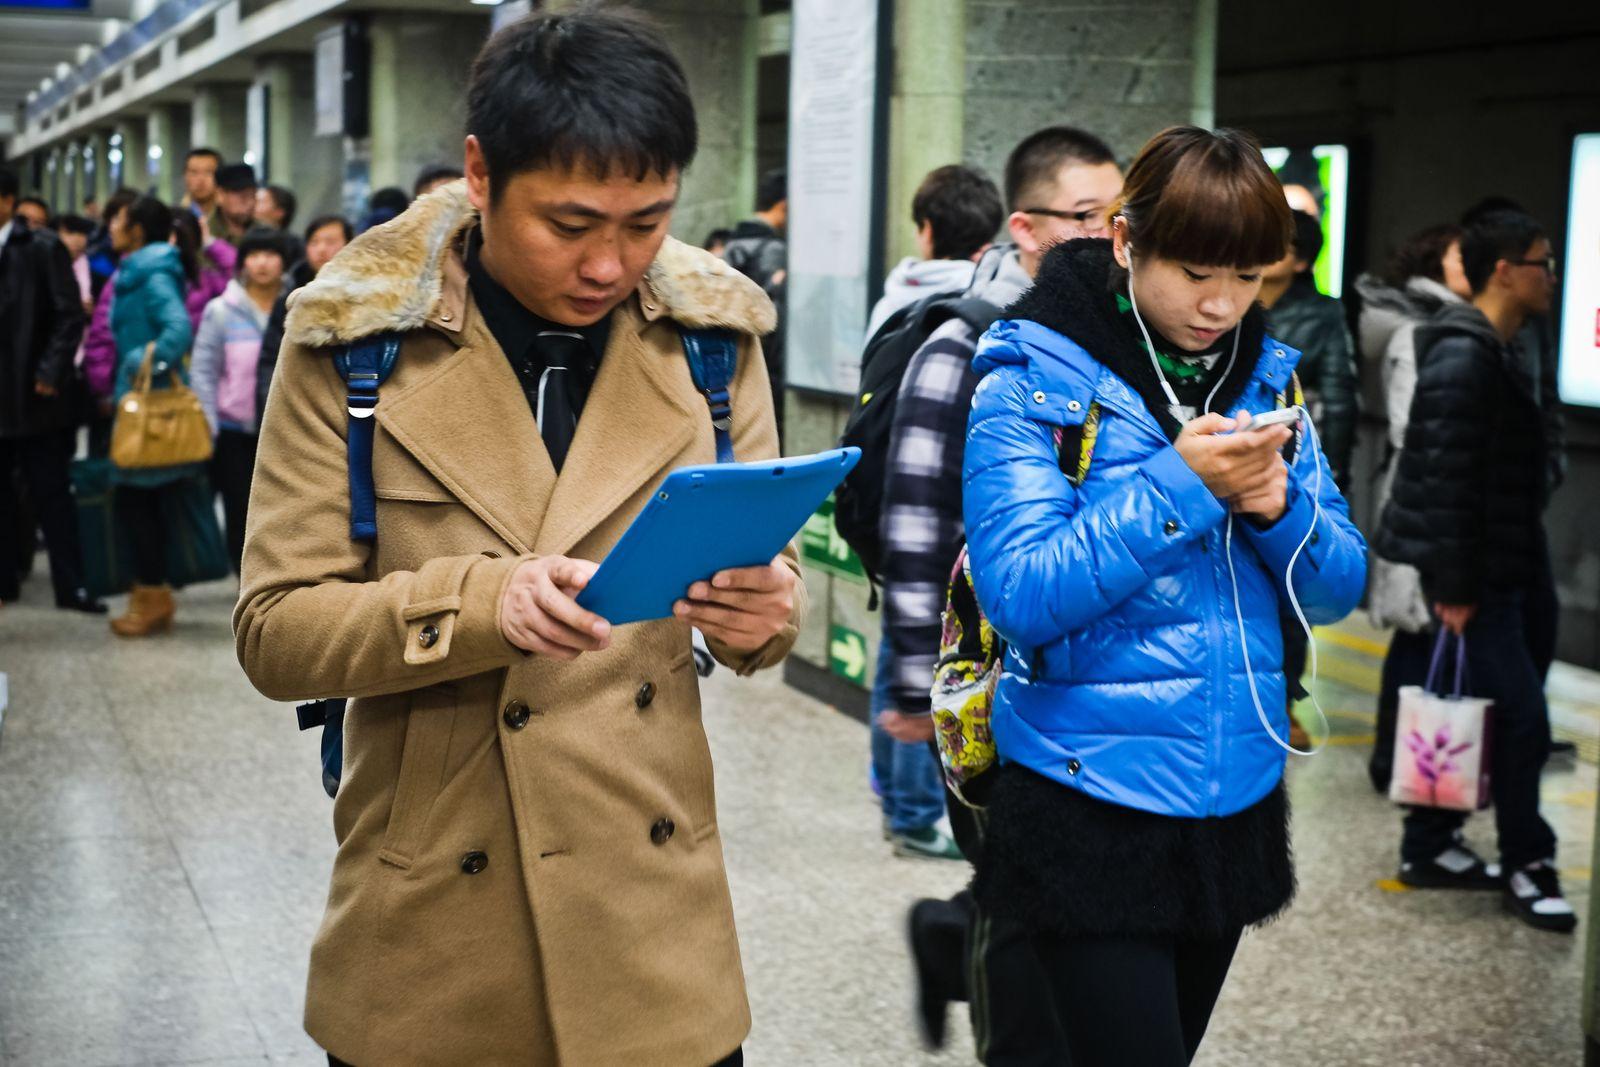 NICHT MEHR VERWENDEN! - China / Handy / Smartphone / Social Media